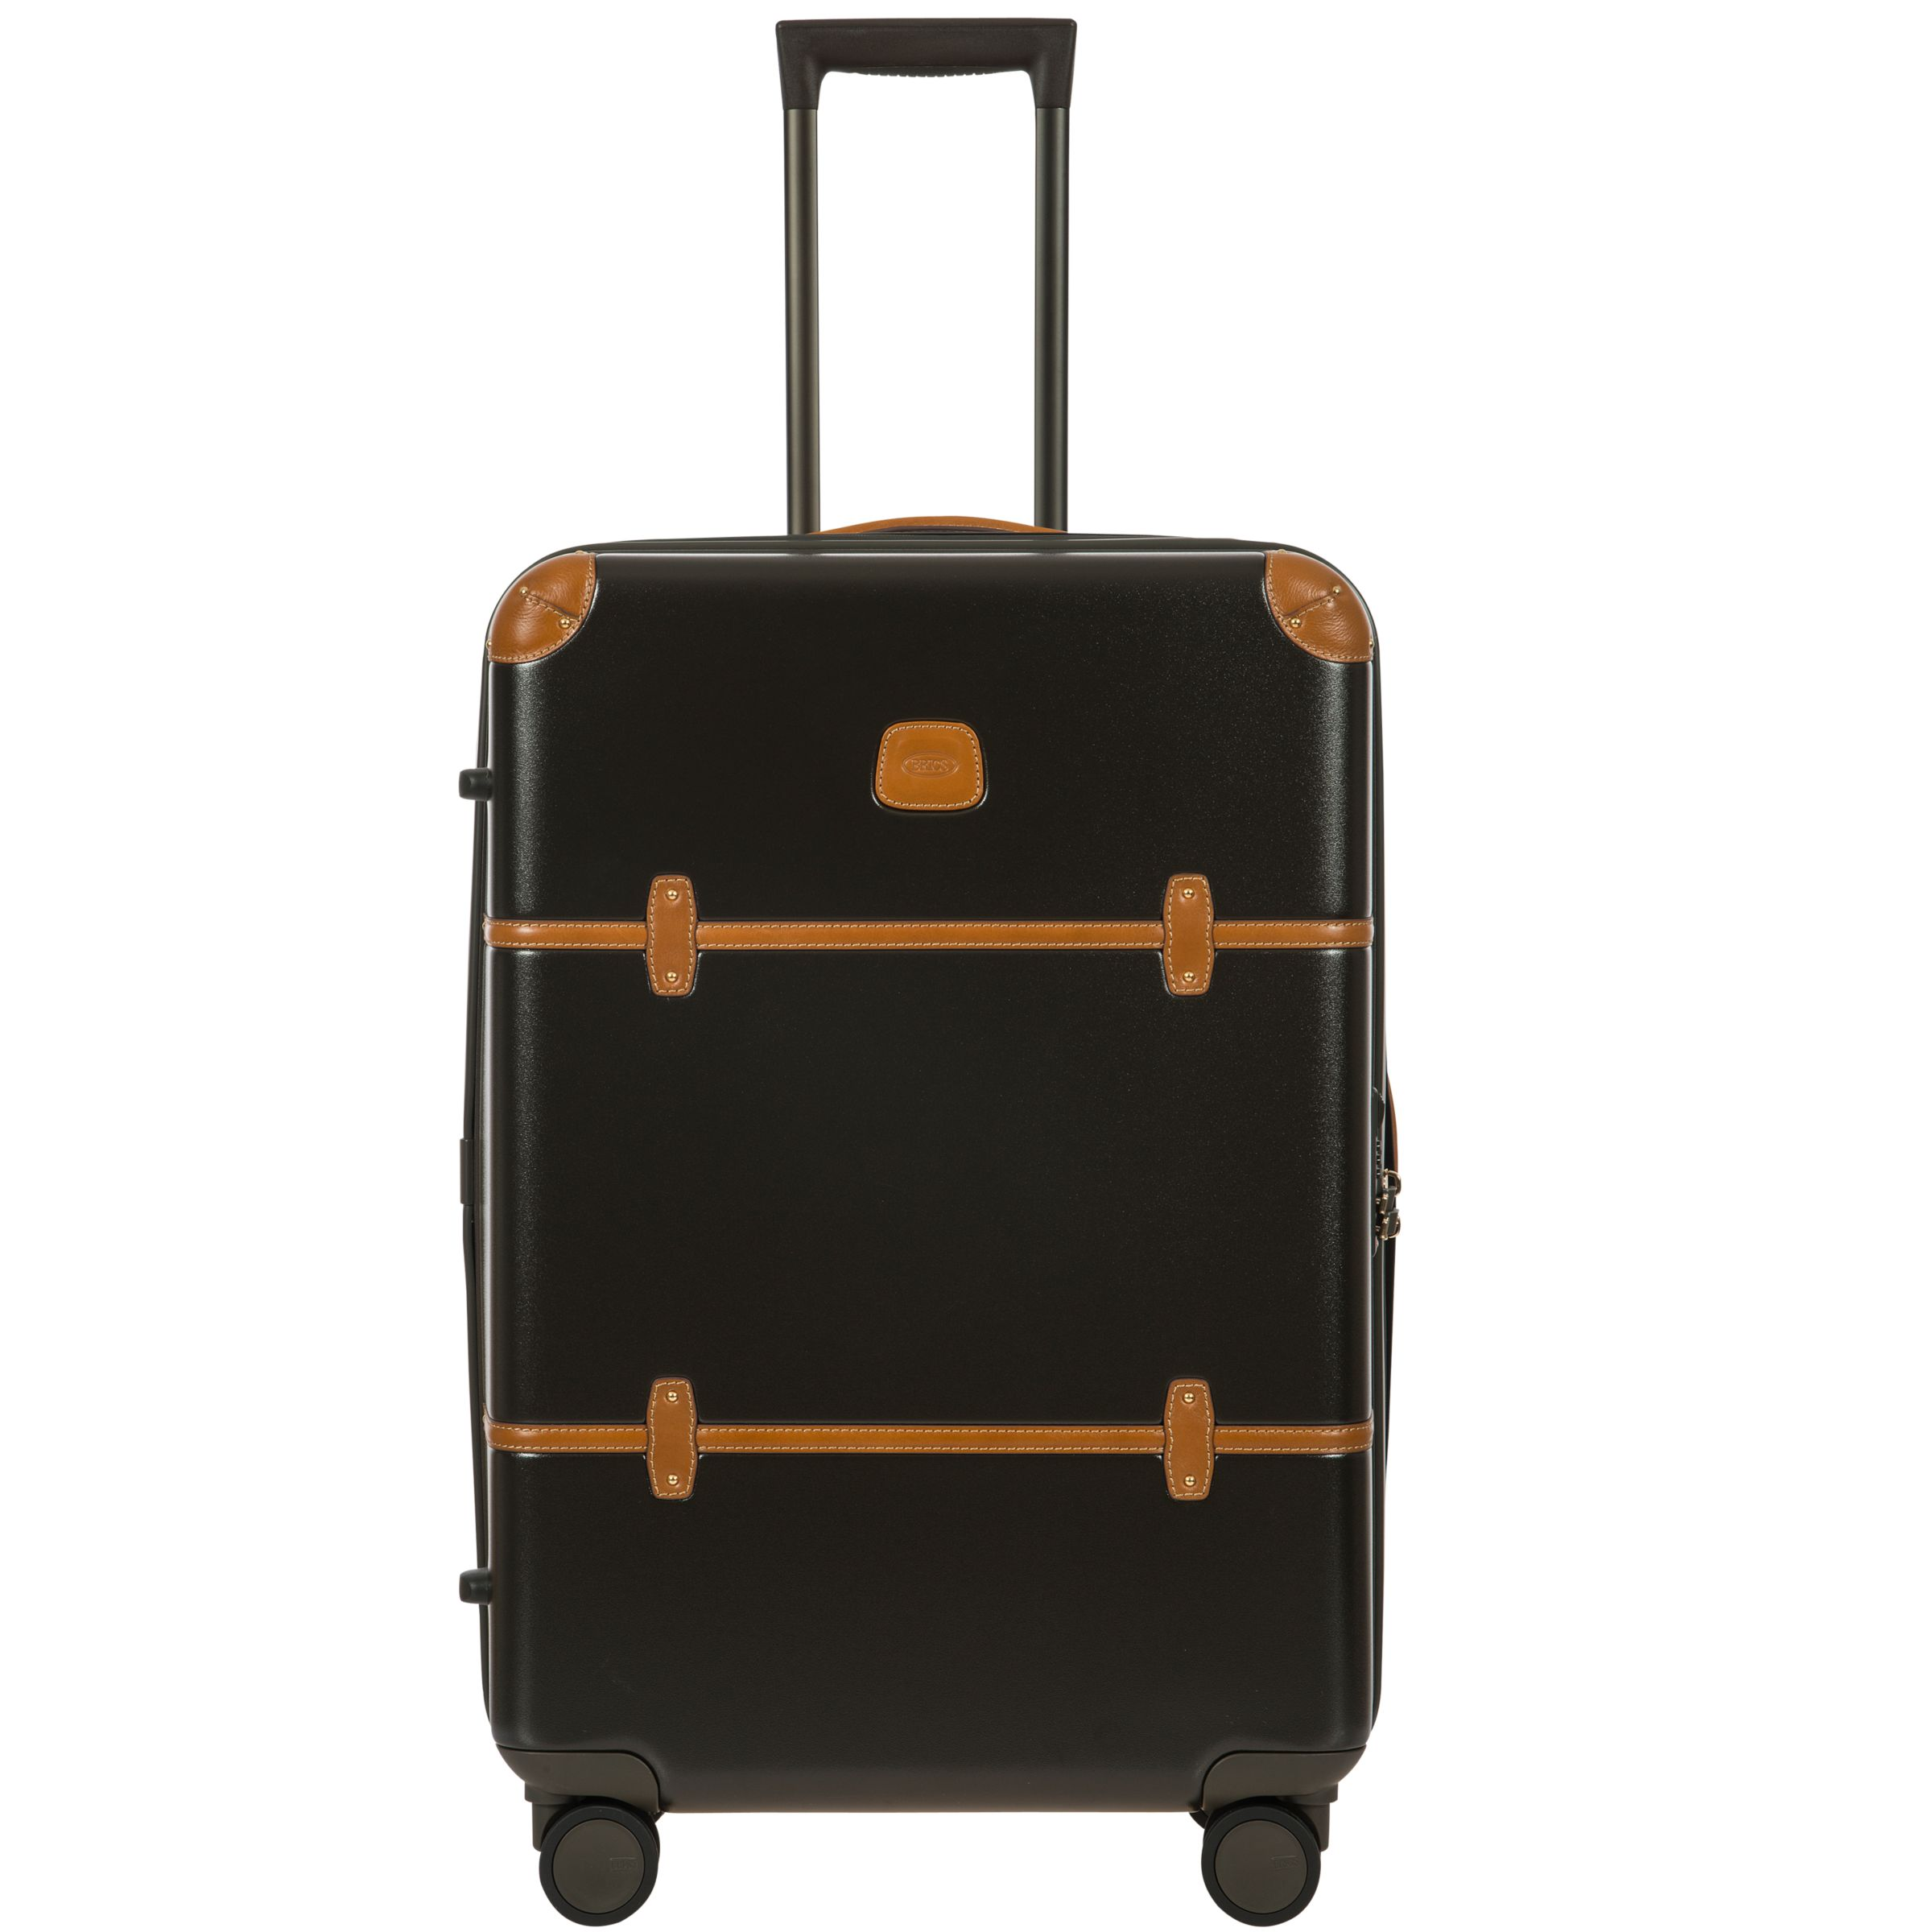 Bric's Bric's Bellagio 2 4-Wheel 70cm Medium Suitcase, Olive